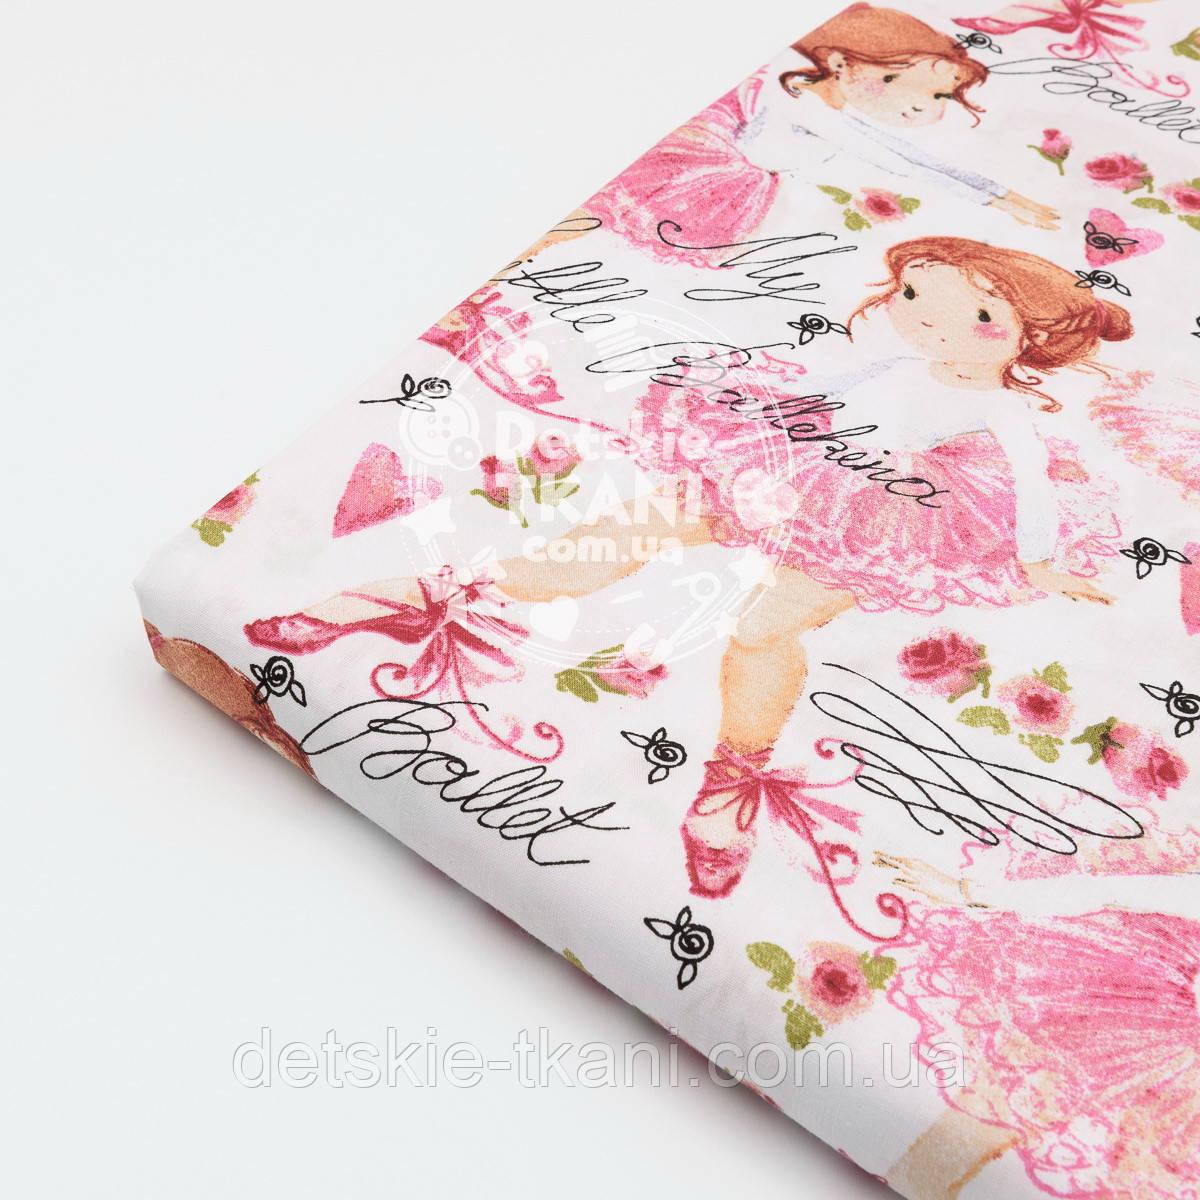 """Отрез ткани """"Большие балерины на белом"""" №1222а, размер 78*160"""